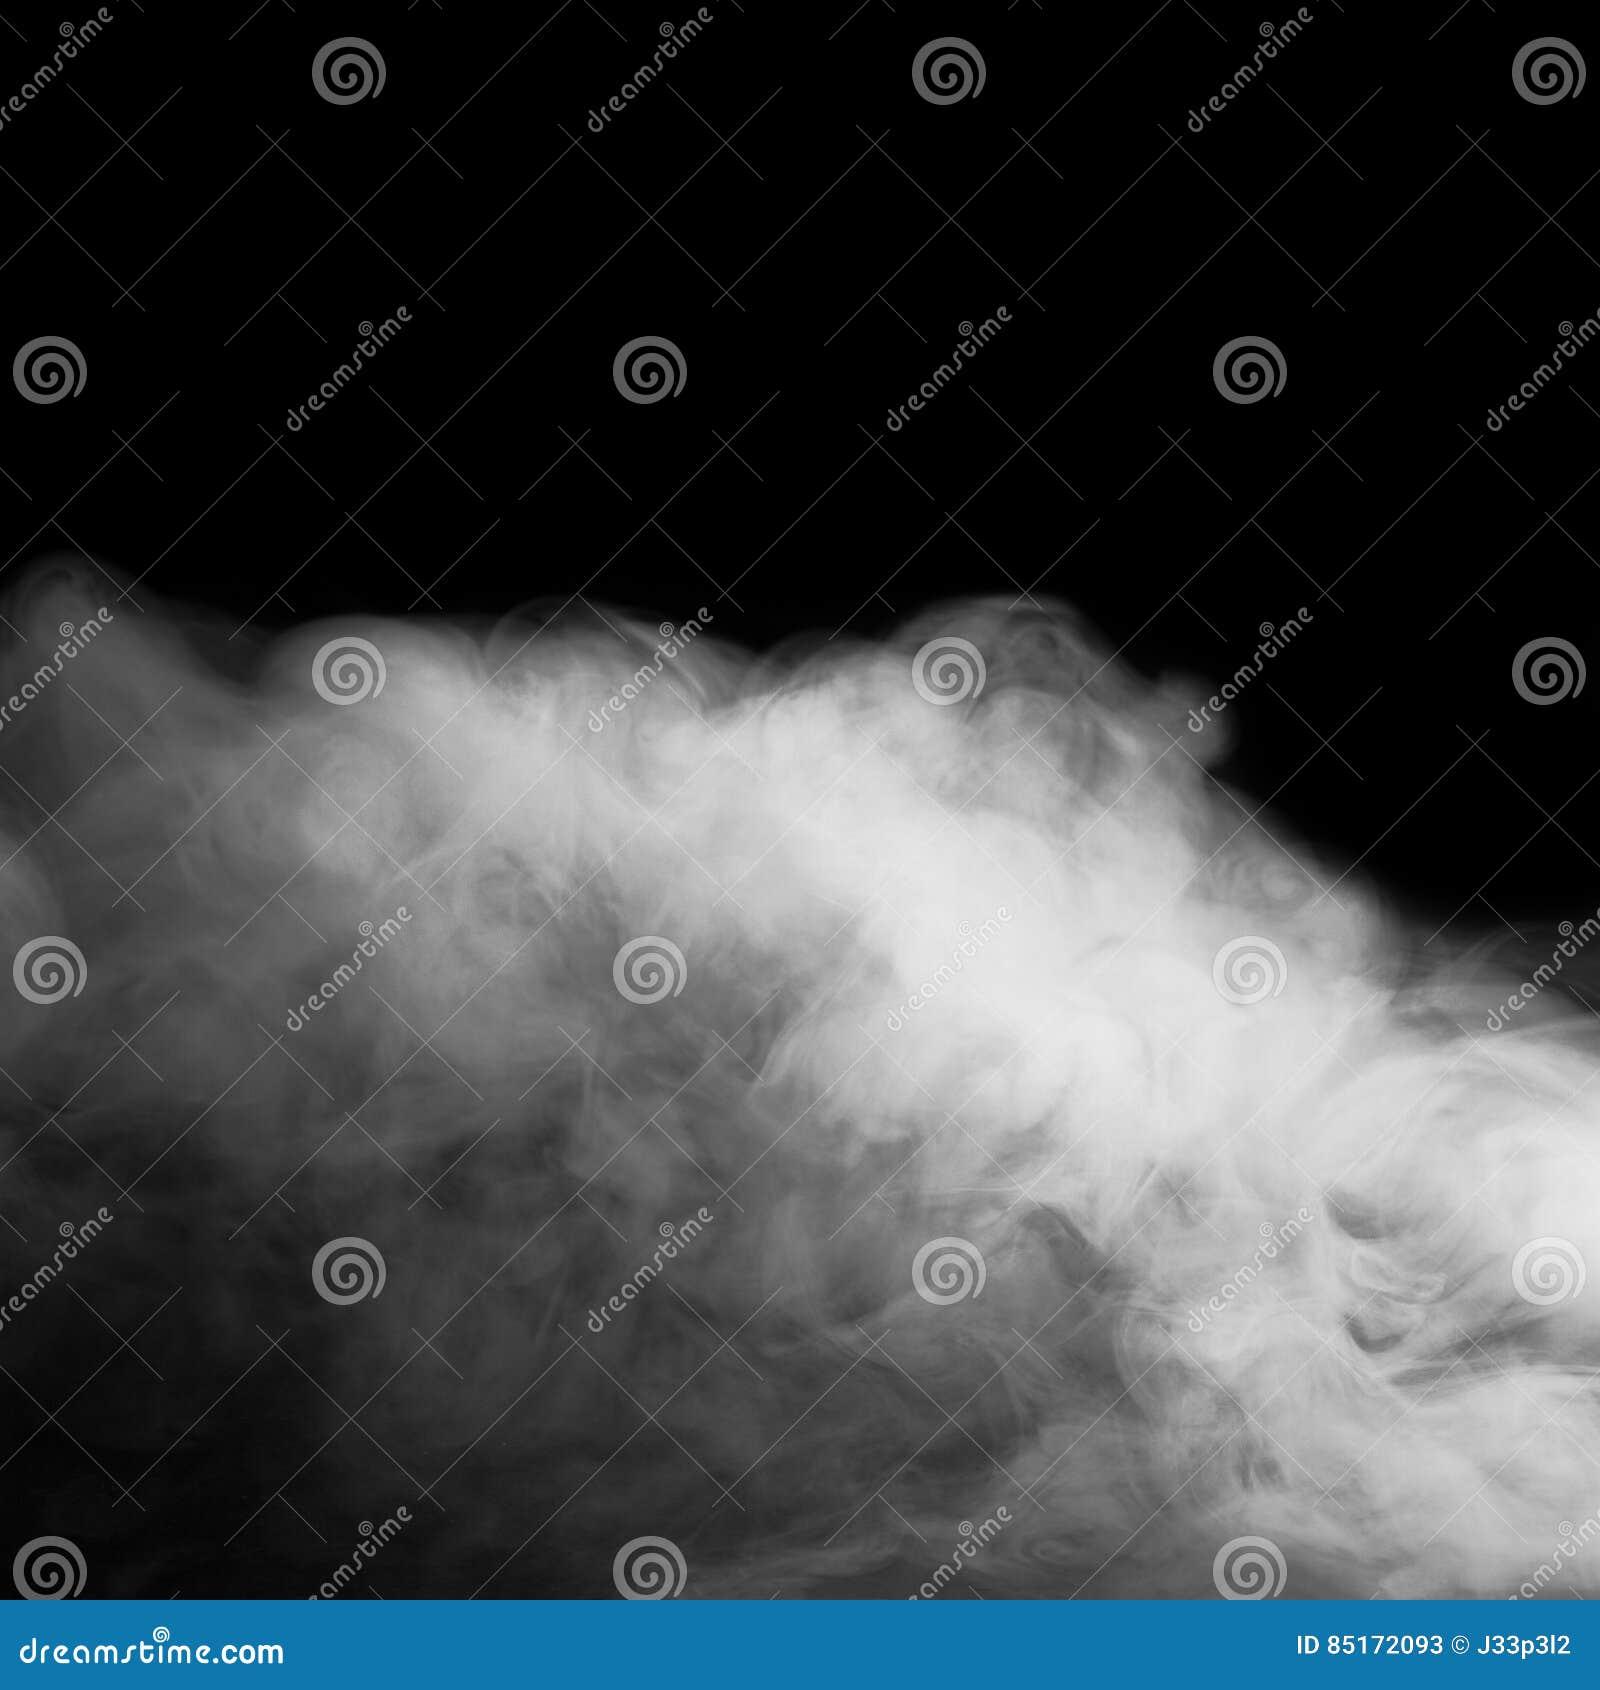 Niebla o humo abstracta en fondo negro